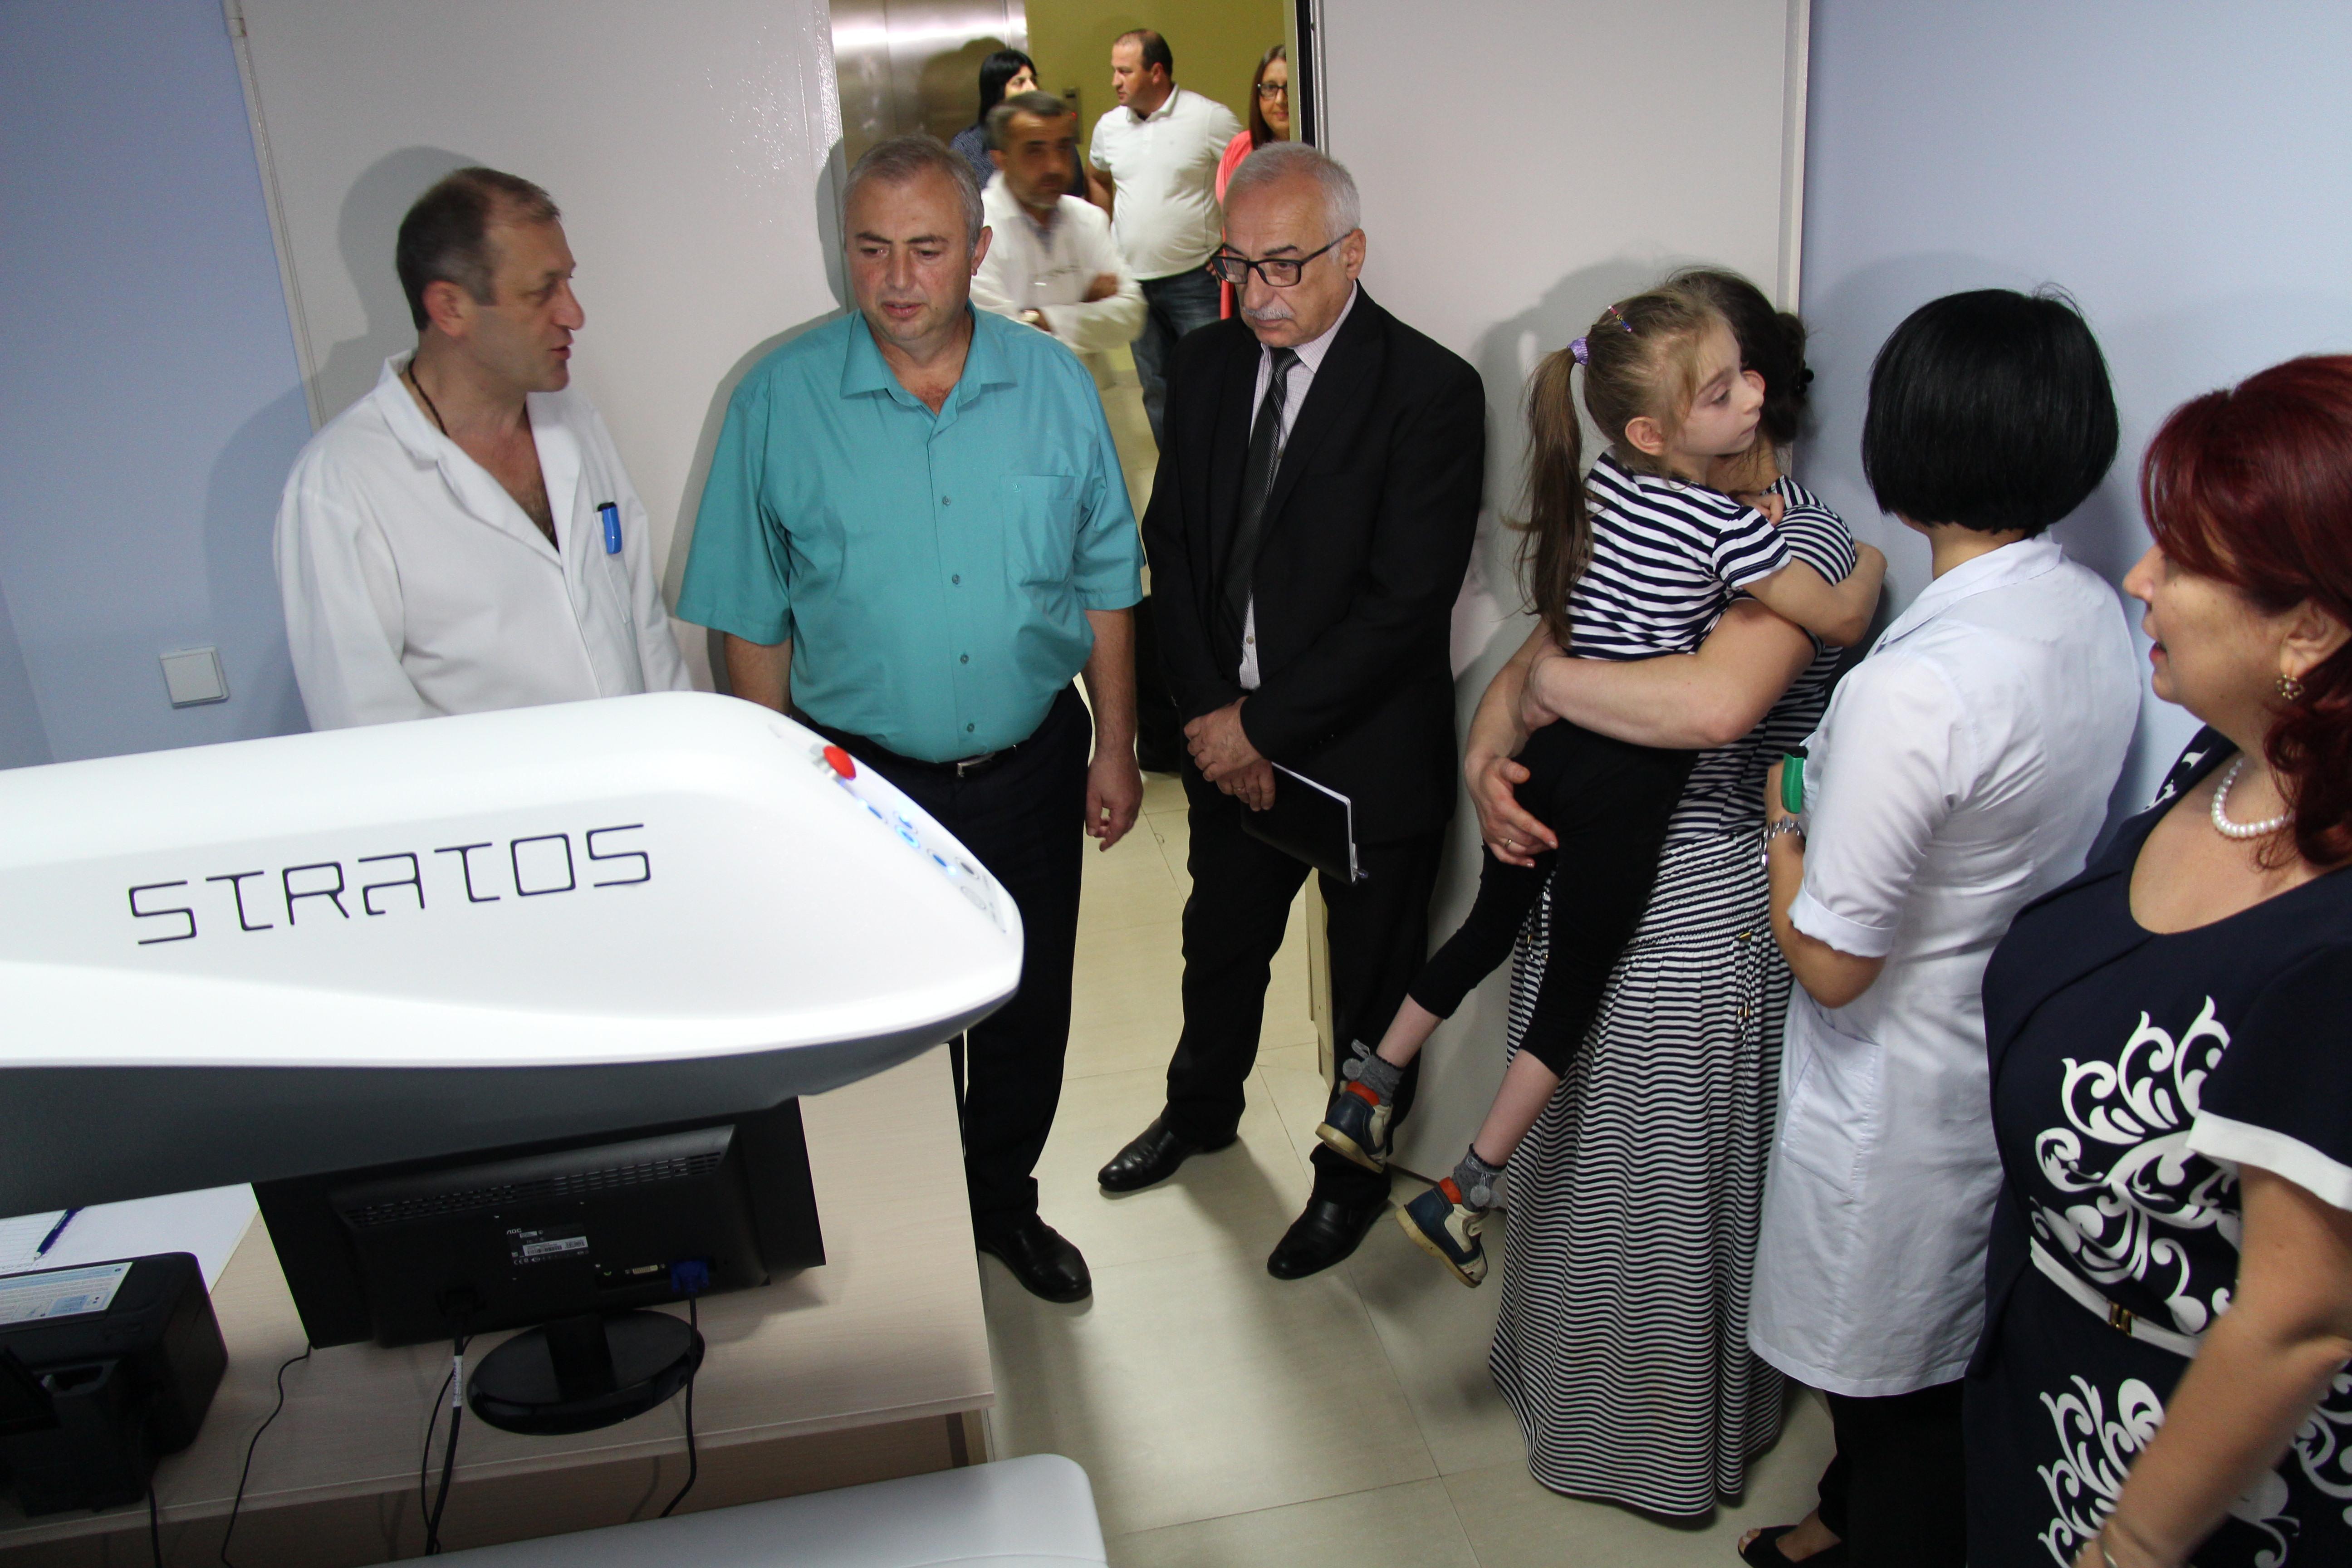 ბათუმის რეფერალურ საავადმყოფოში ახალი სერვისი დაინერგა